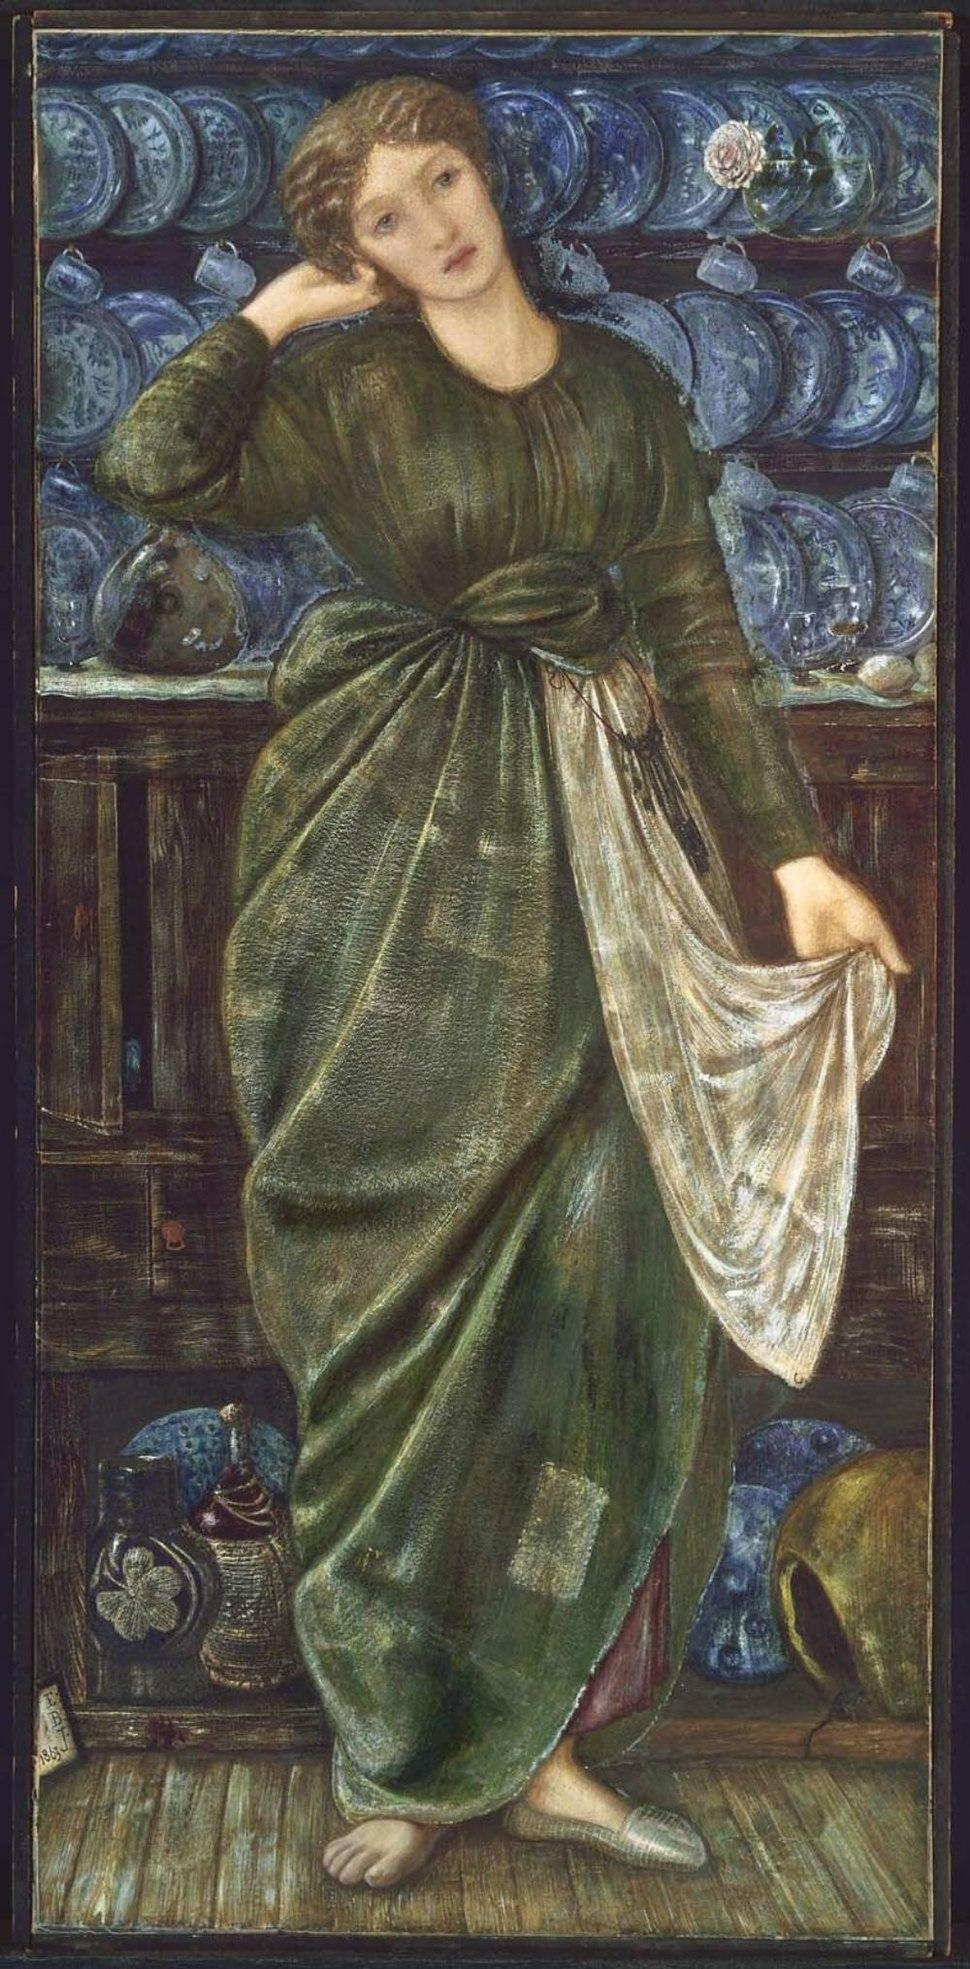 Edward Burne-Jones Cinderella